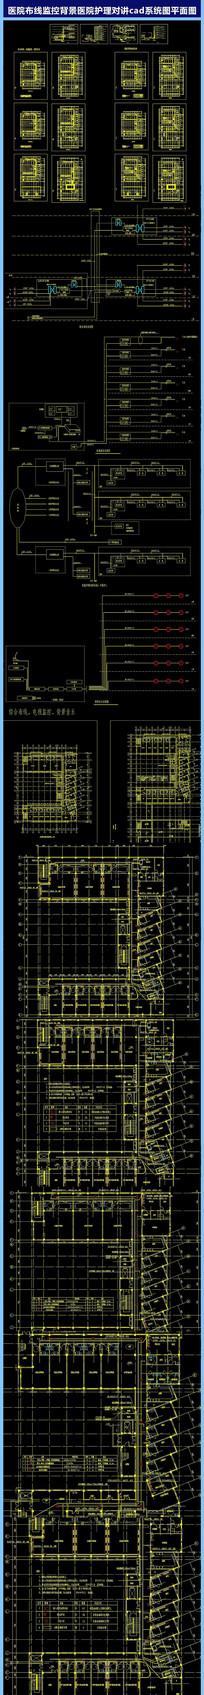 医院布线监控护理对讲cad系统图平面图